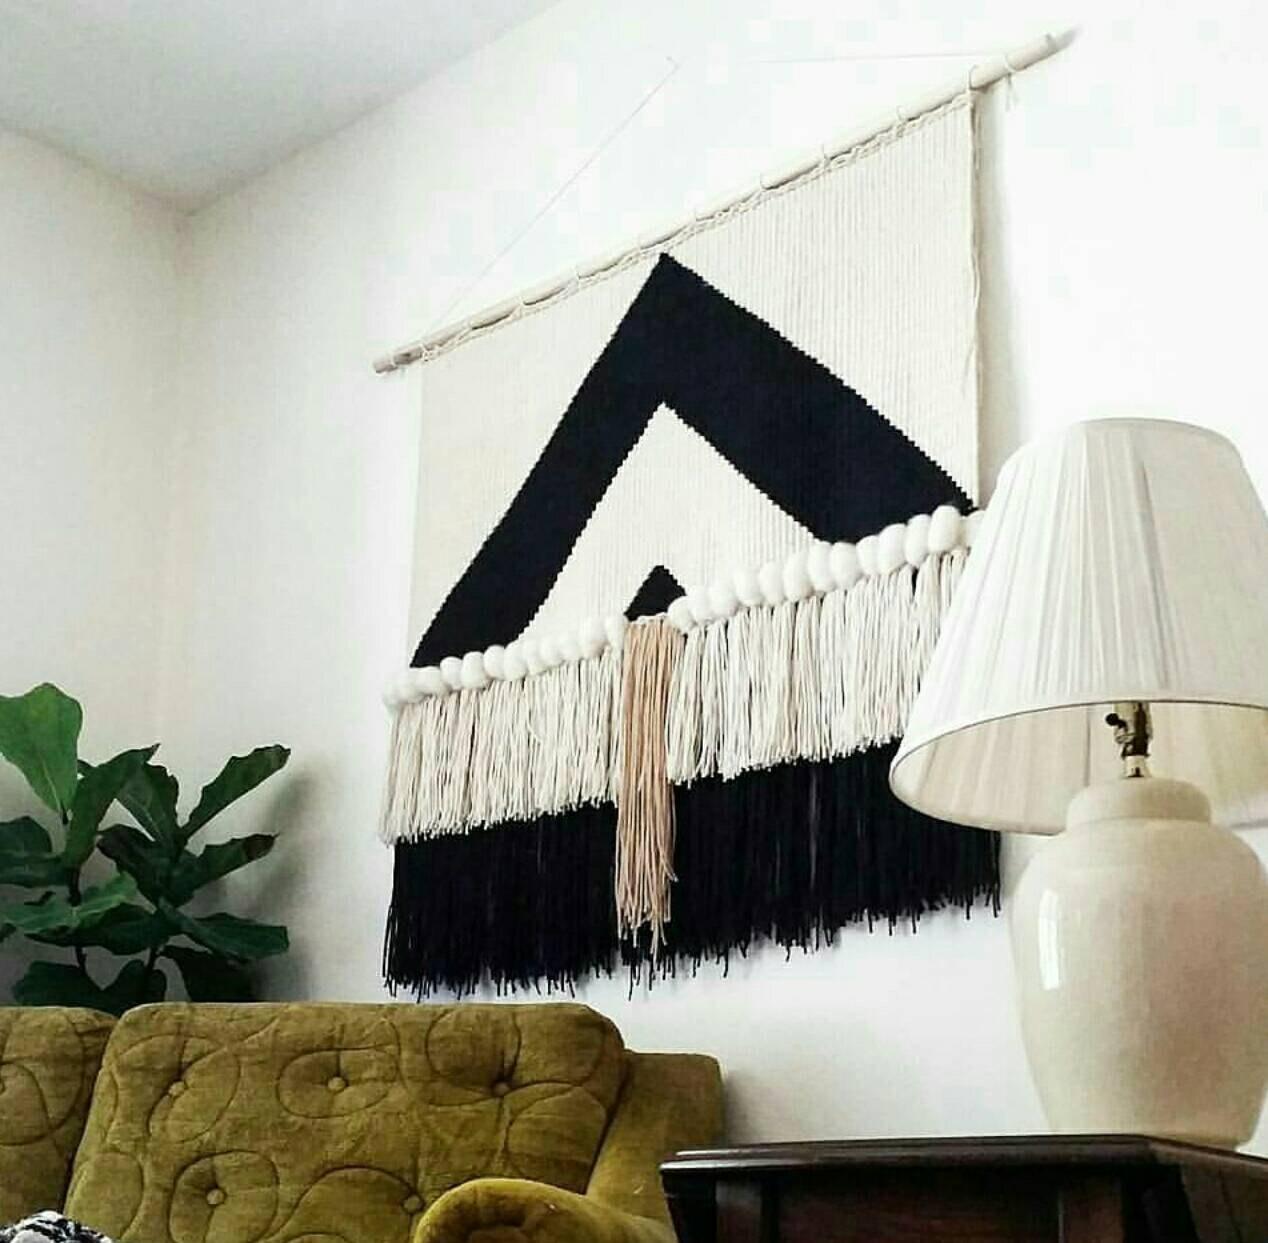 deco on craque pour un tissage mural xxl rose kiwi. Black Bedroom Furniture Sets. Home Design Ideas